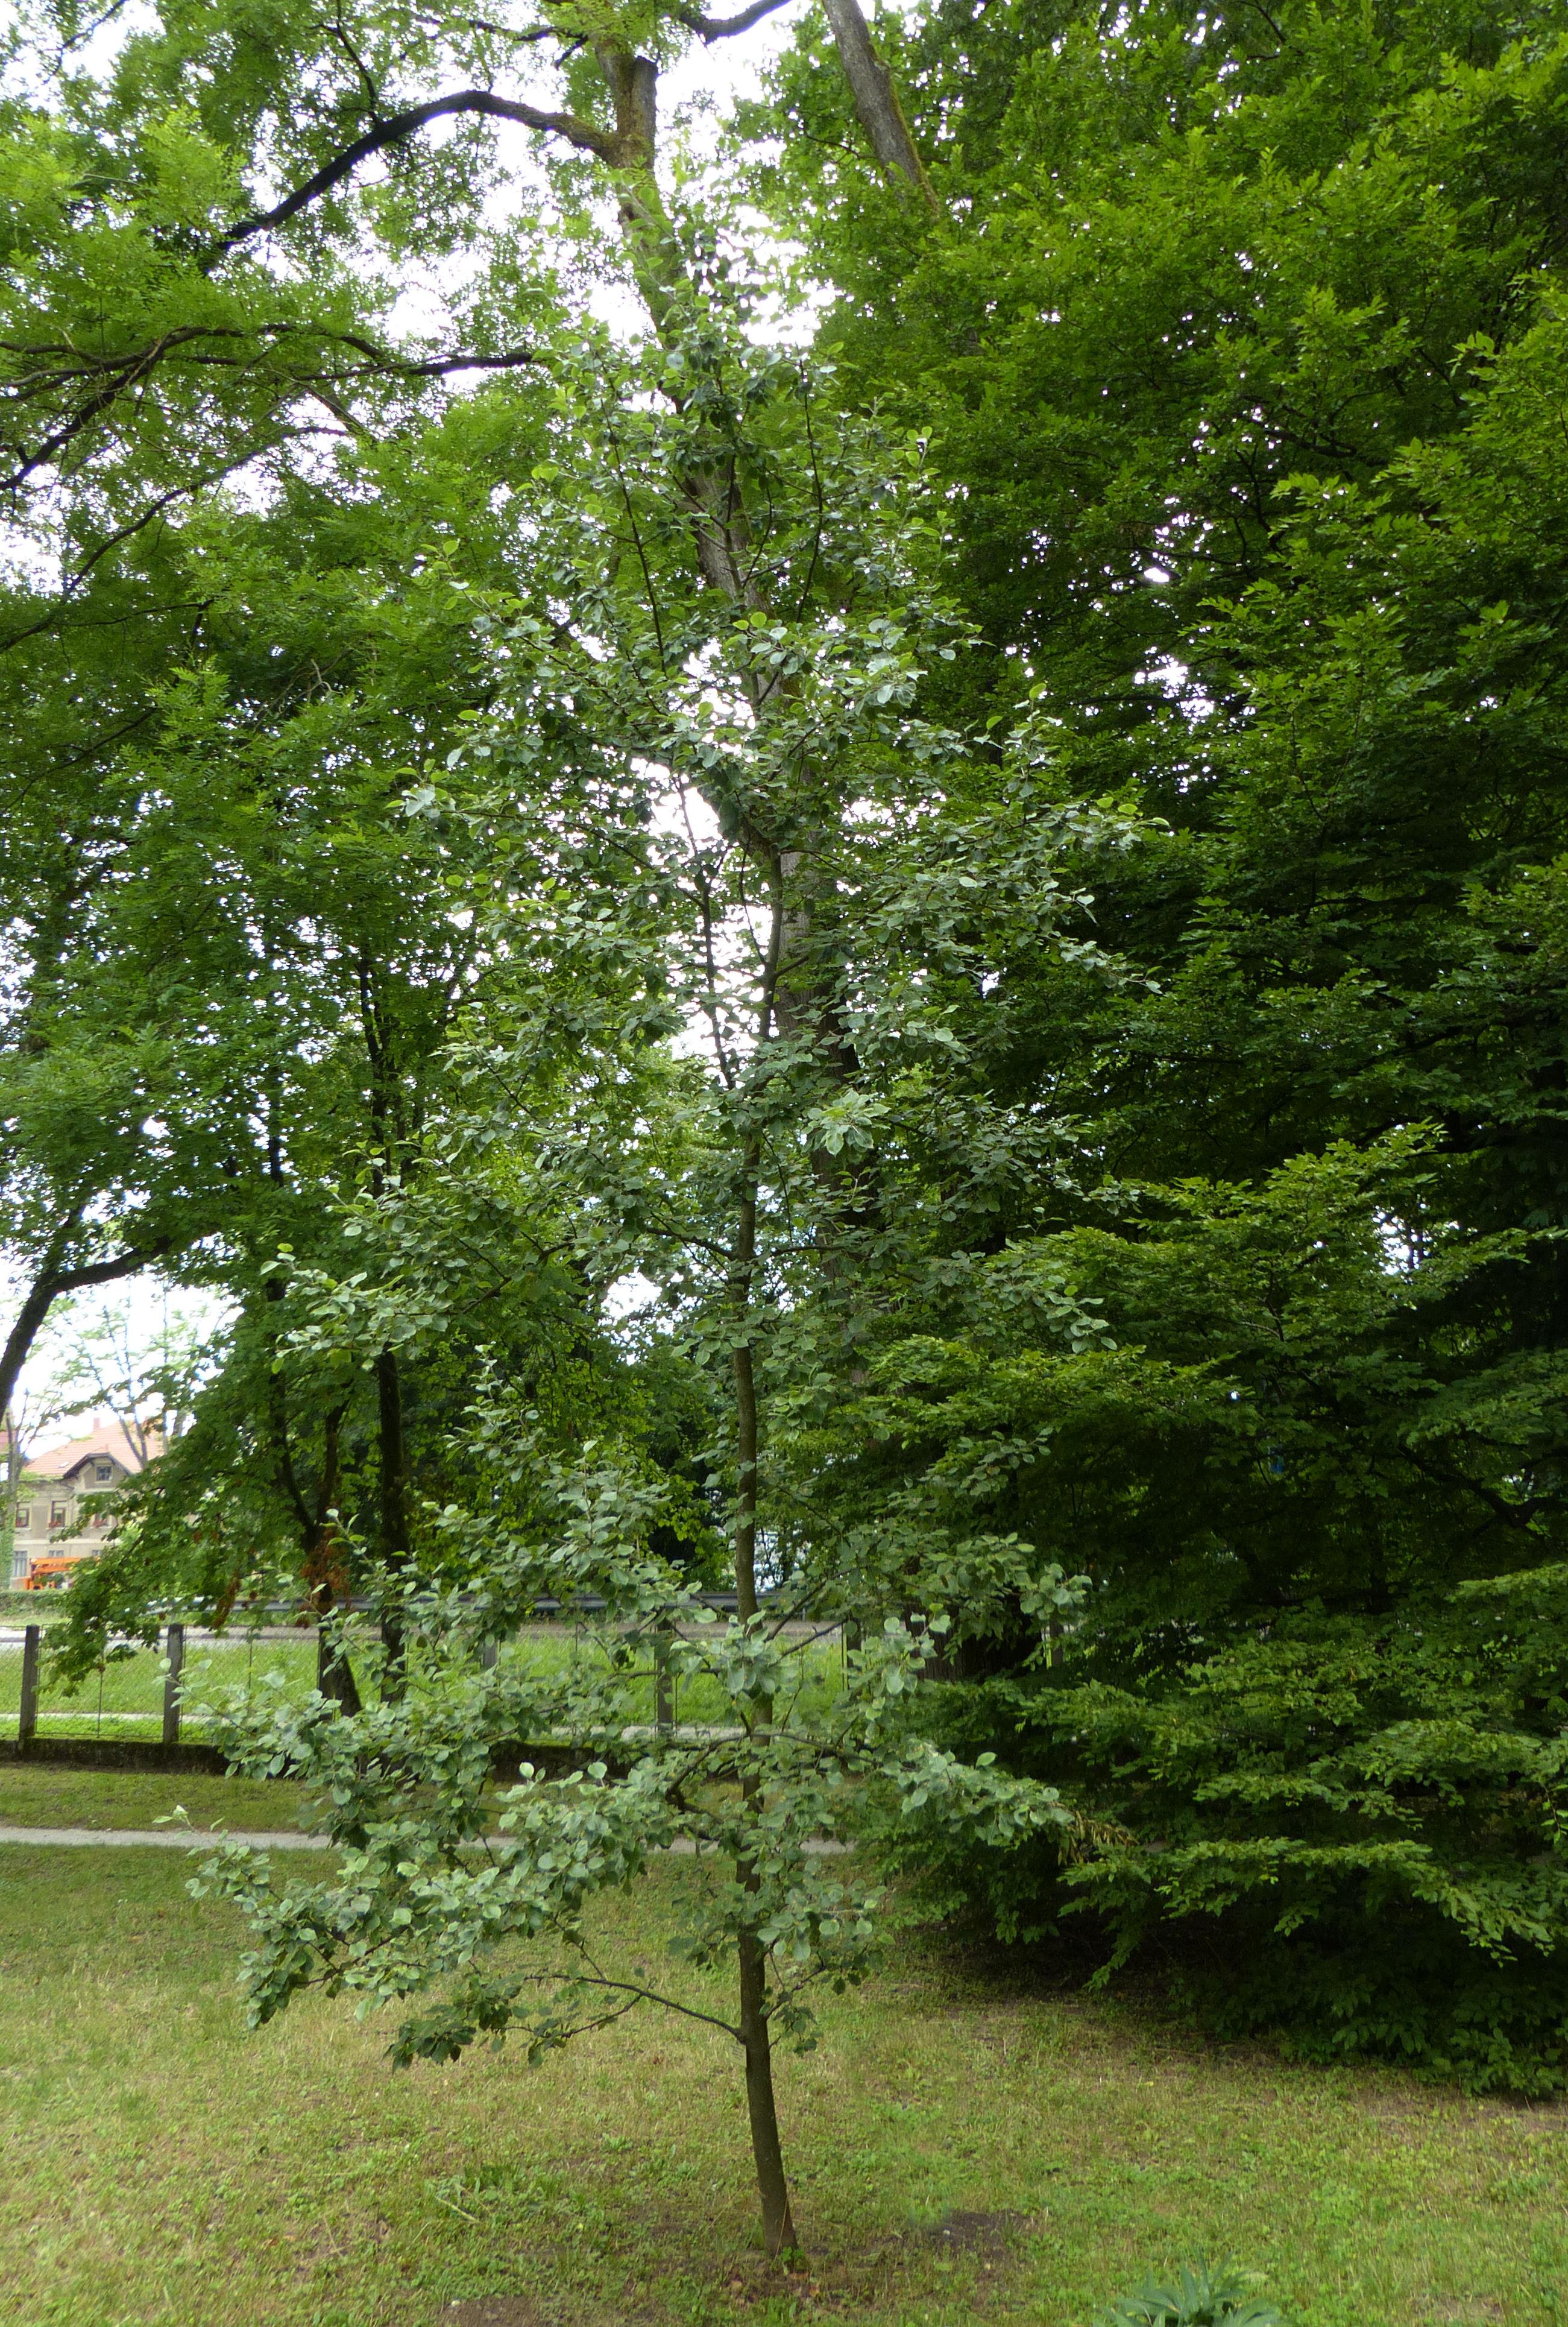 © Dipartimento di Scienze della Vita, Università di Trieste<br>by Andrea Moro<br>Ljubljana, Botanical Gardens of the University of Ljubljana / Botanični vrt Univerze v Ljubljani, Osrednjeslovenska, Slovenia / Slovenija, 19/06/2015<br>Distributed under CC-BY-SA 4.0 license.